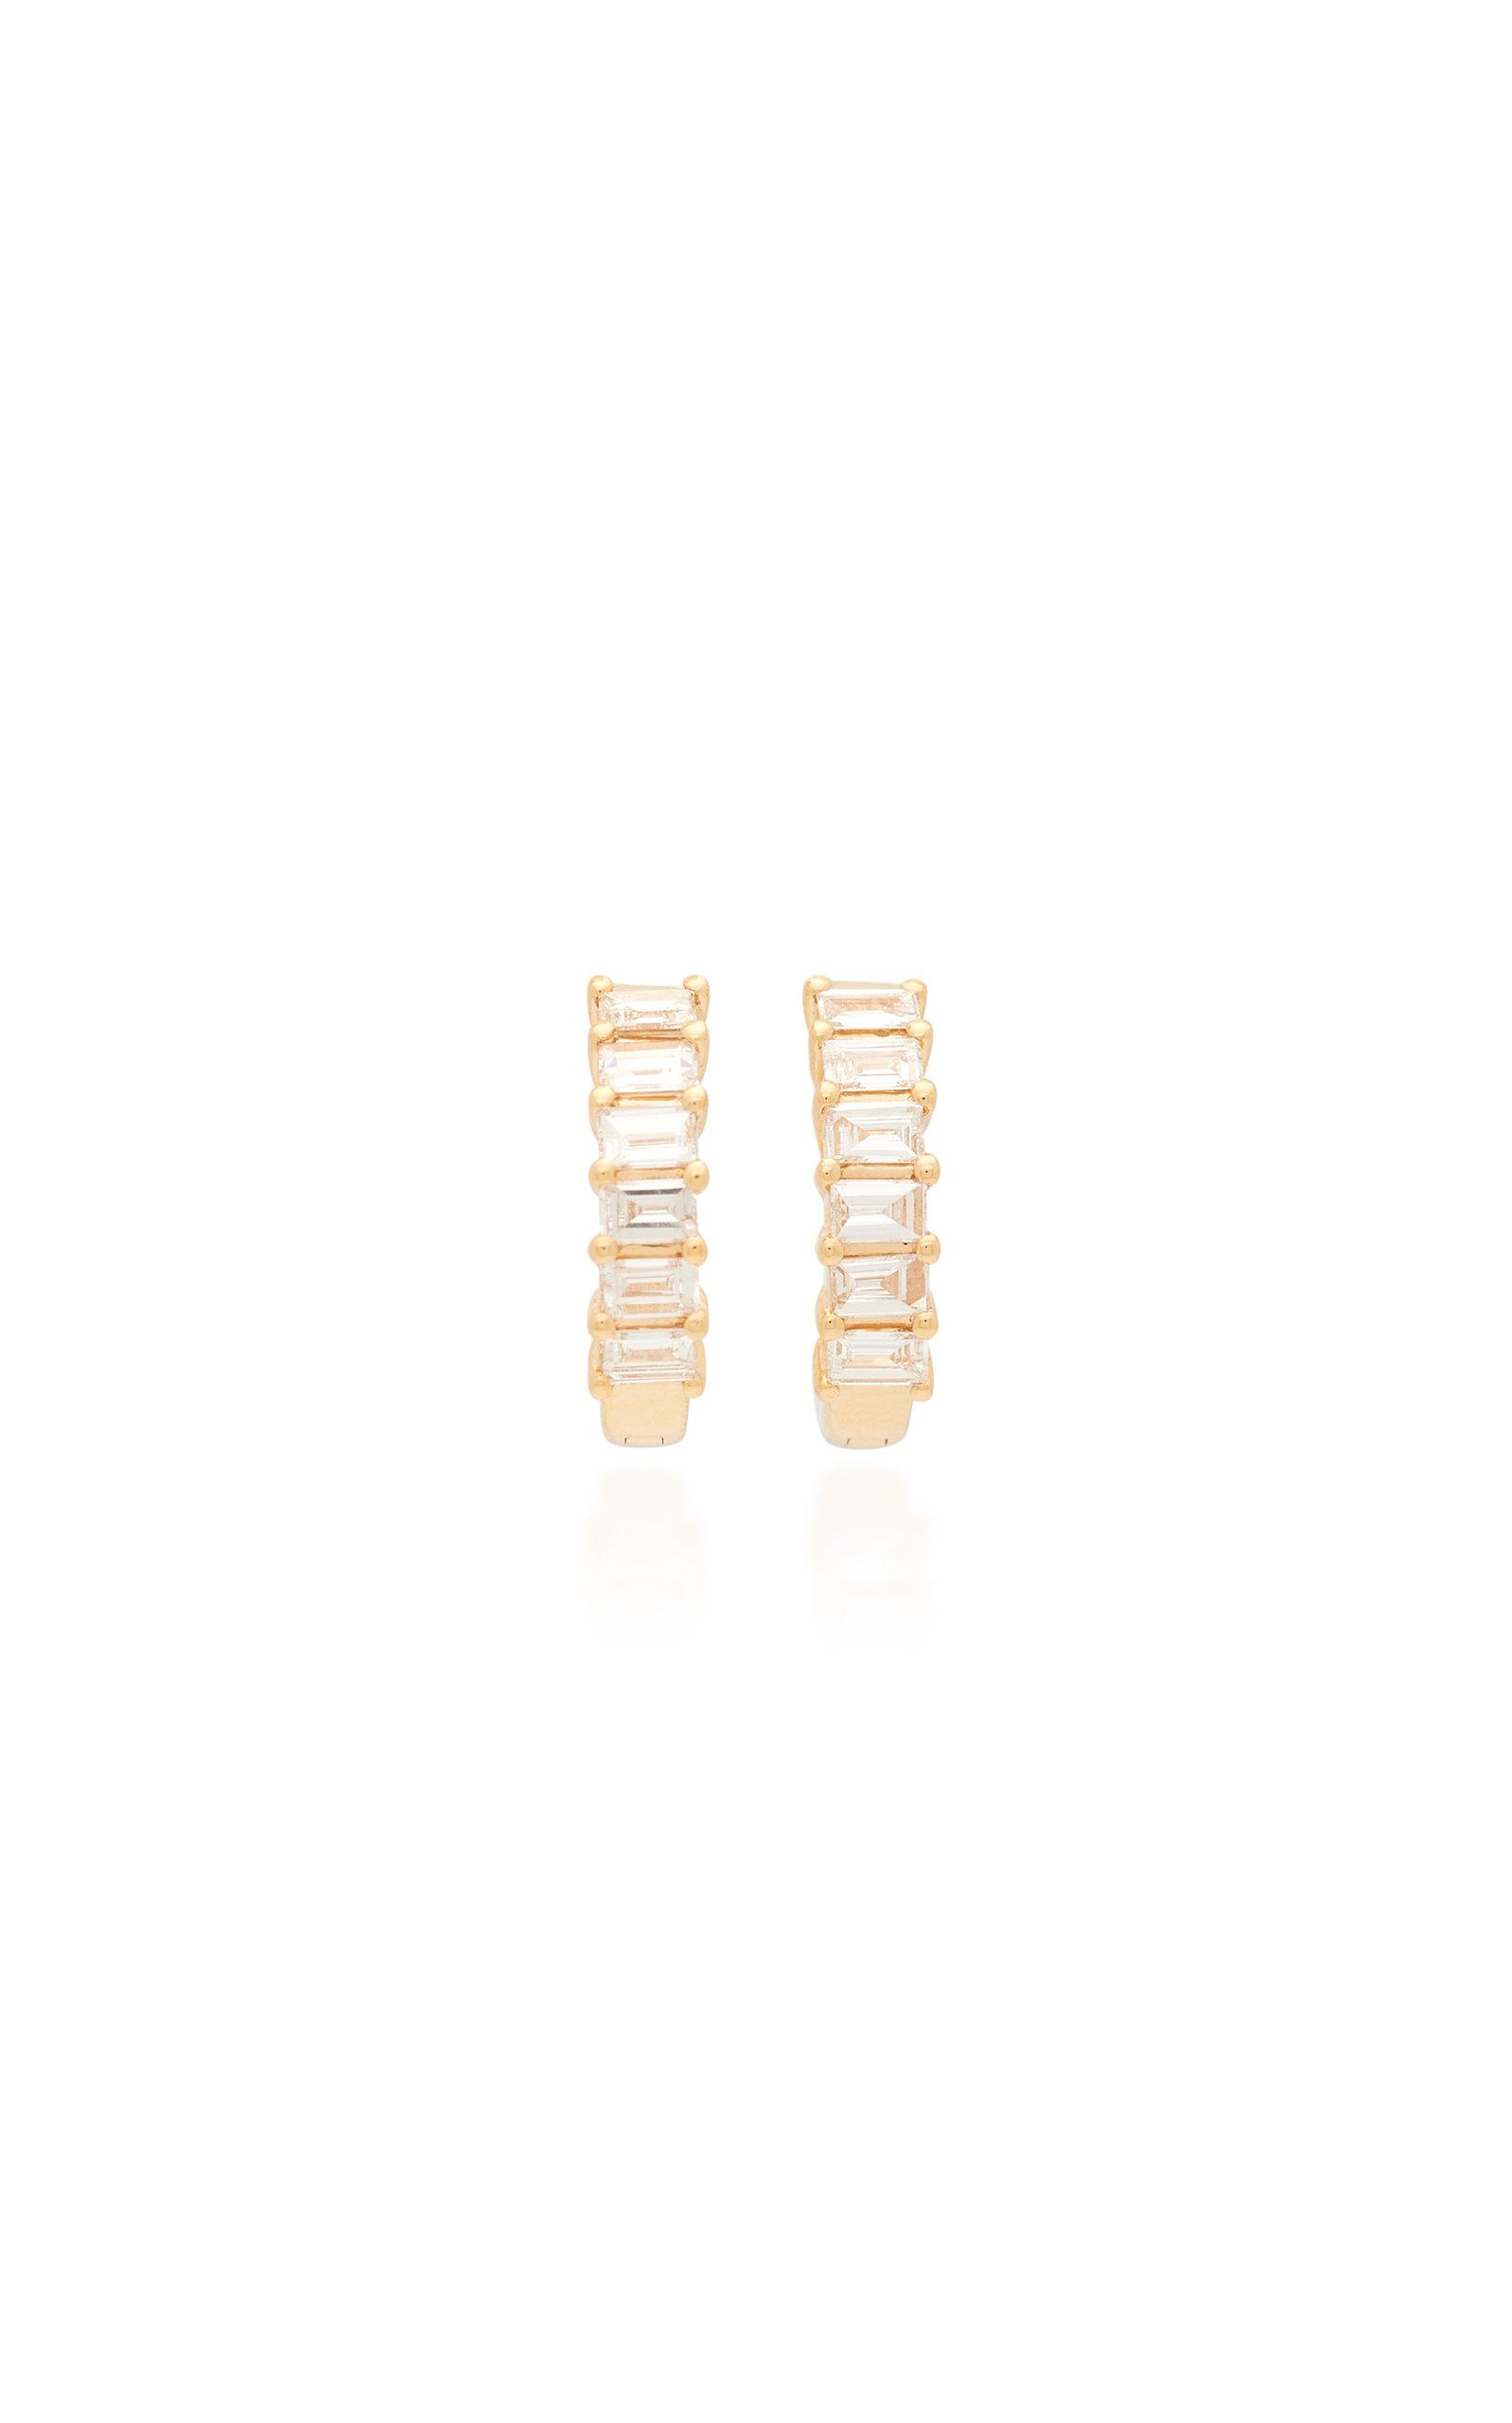 Ef Collection Earrings WOMEN'S 14K GOLD DIAMOND BAGUETTE HUGGIE EARRINGS